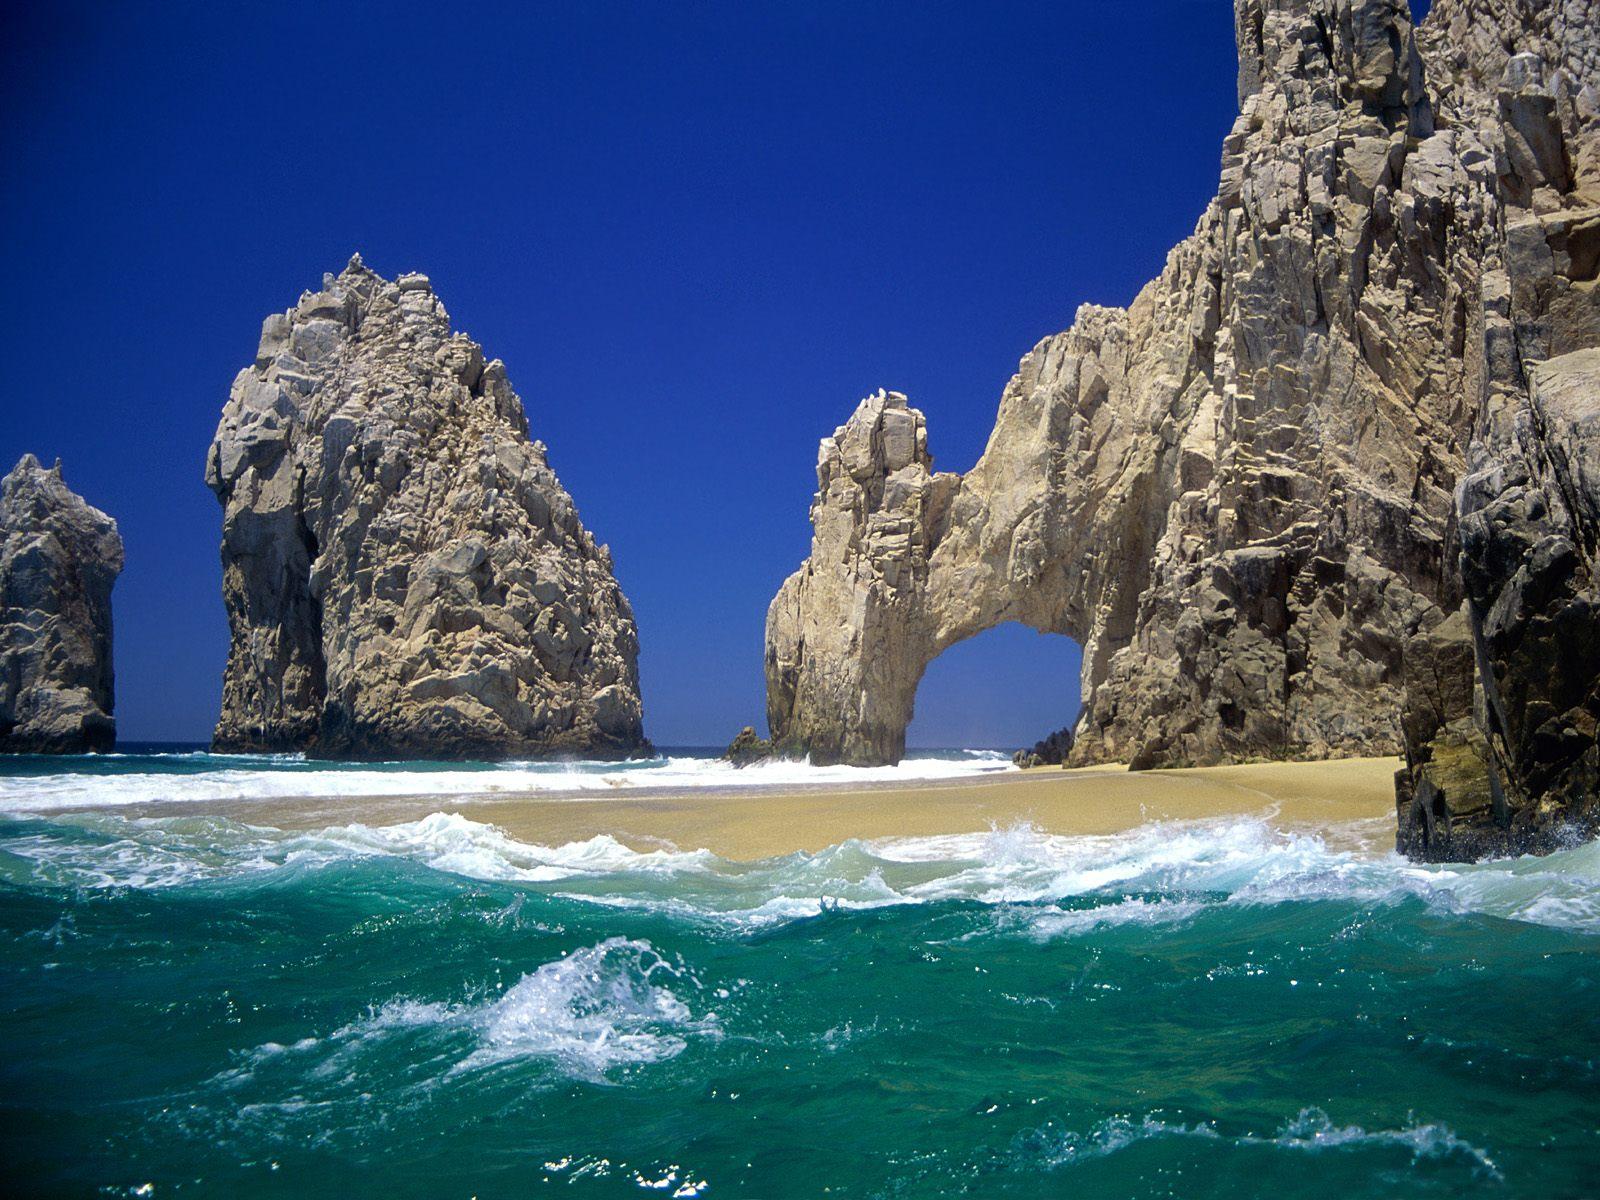 http://2.bp.blogspot.com/_51cwFutJuwk/TPNbvcUrbLI/AAAAAAAAACQ/vseND_fhpUE/s1600/mexico.jpg